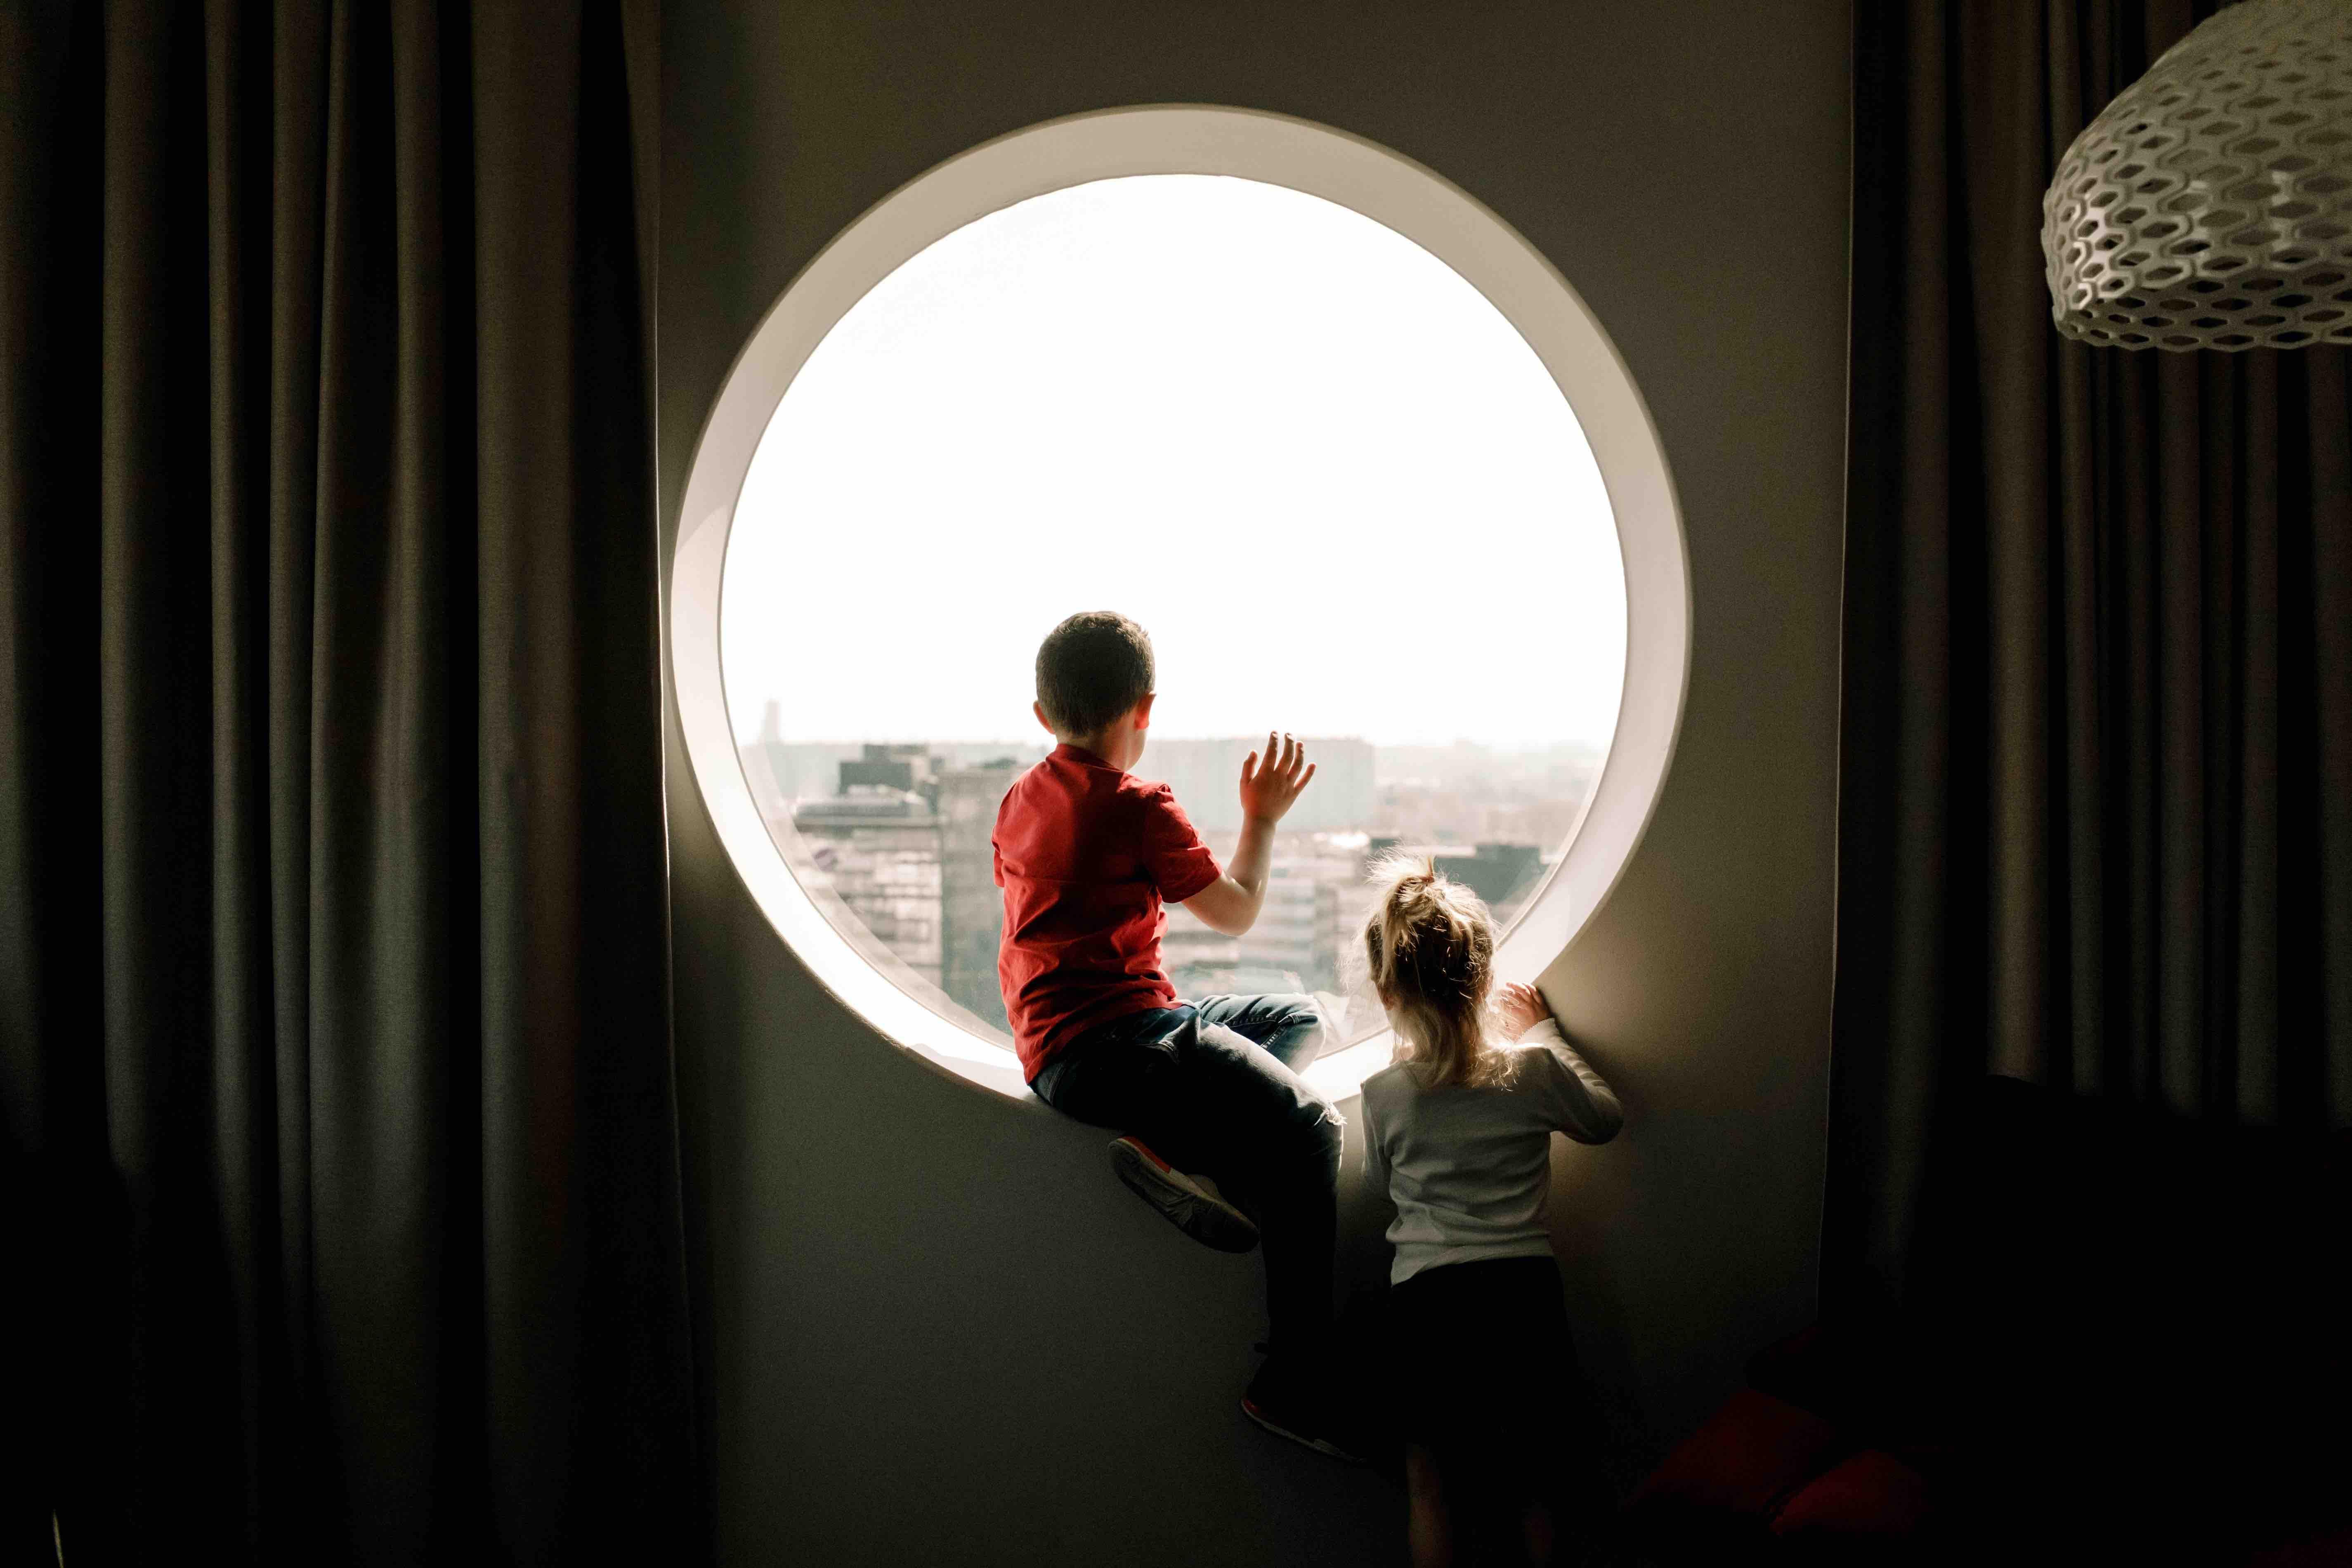 Duas crianças olhando para o lado de fora de um ambiente, através de uma janela circular